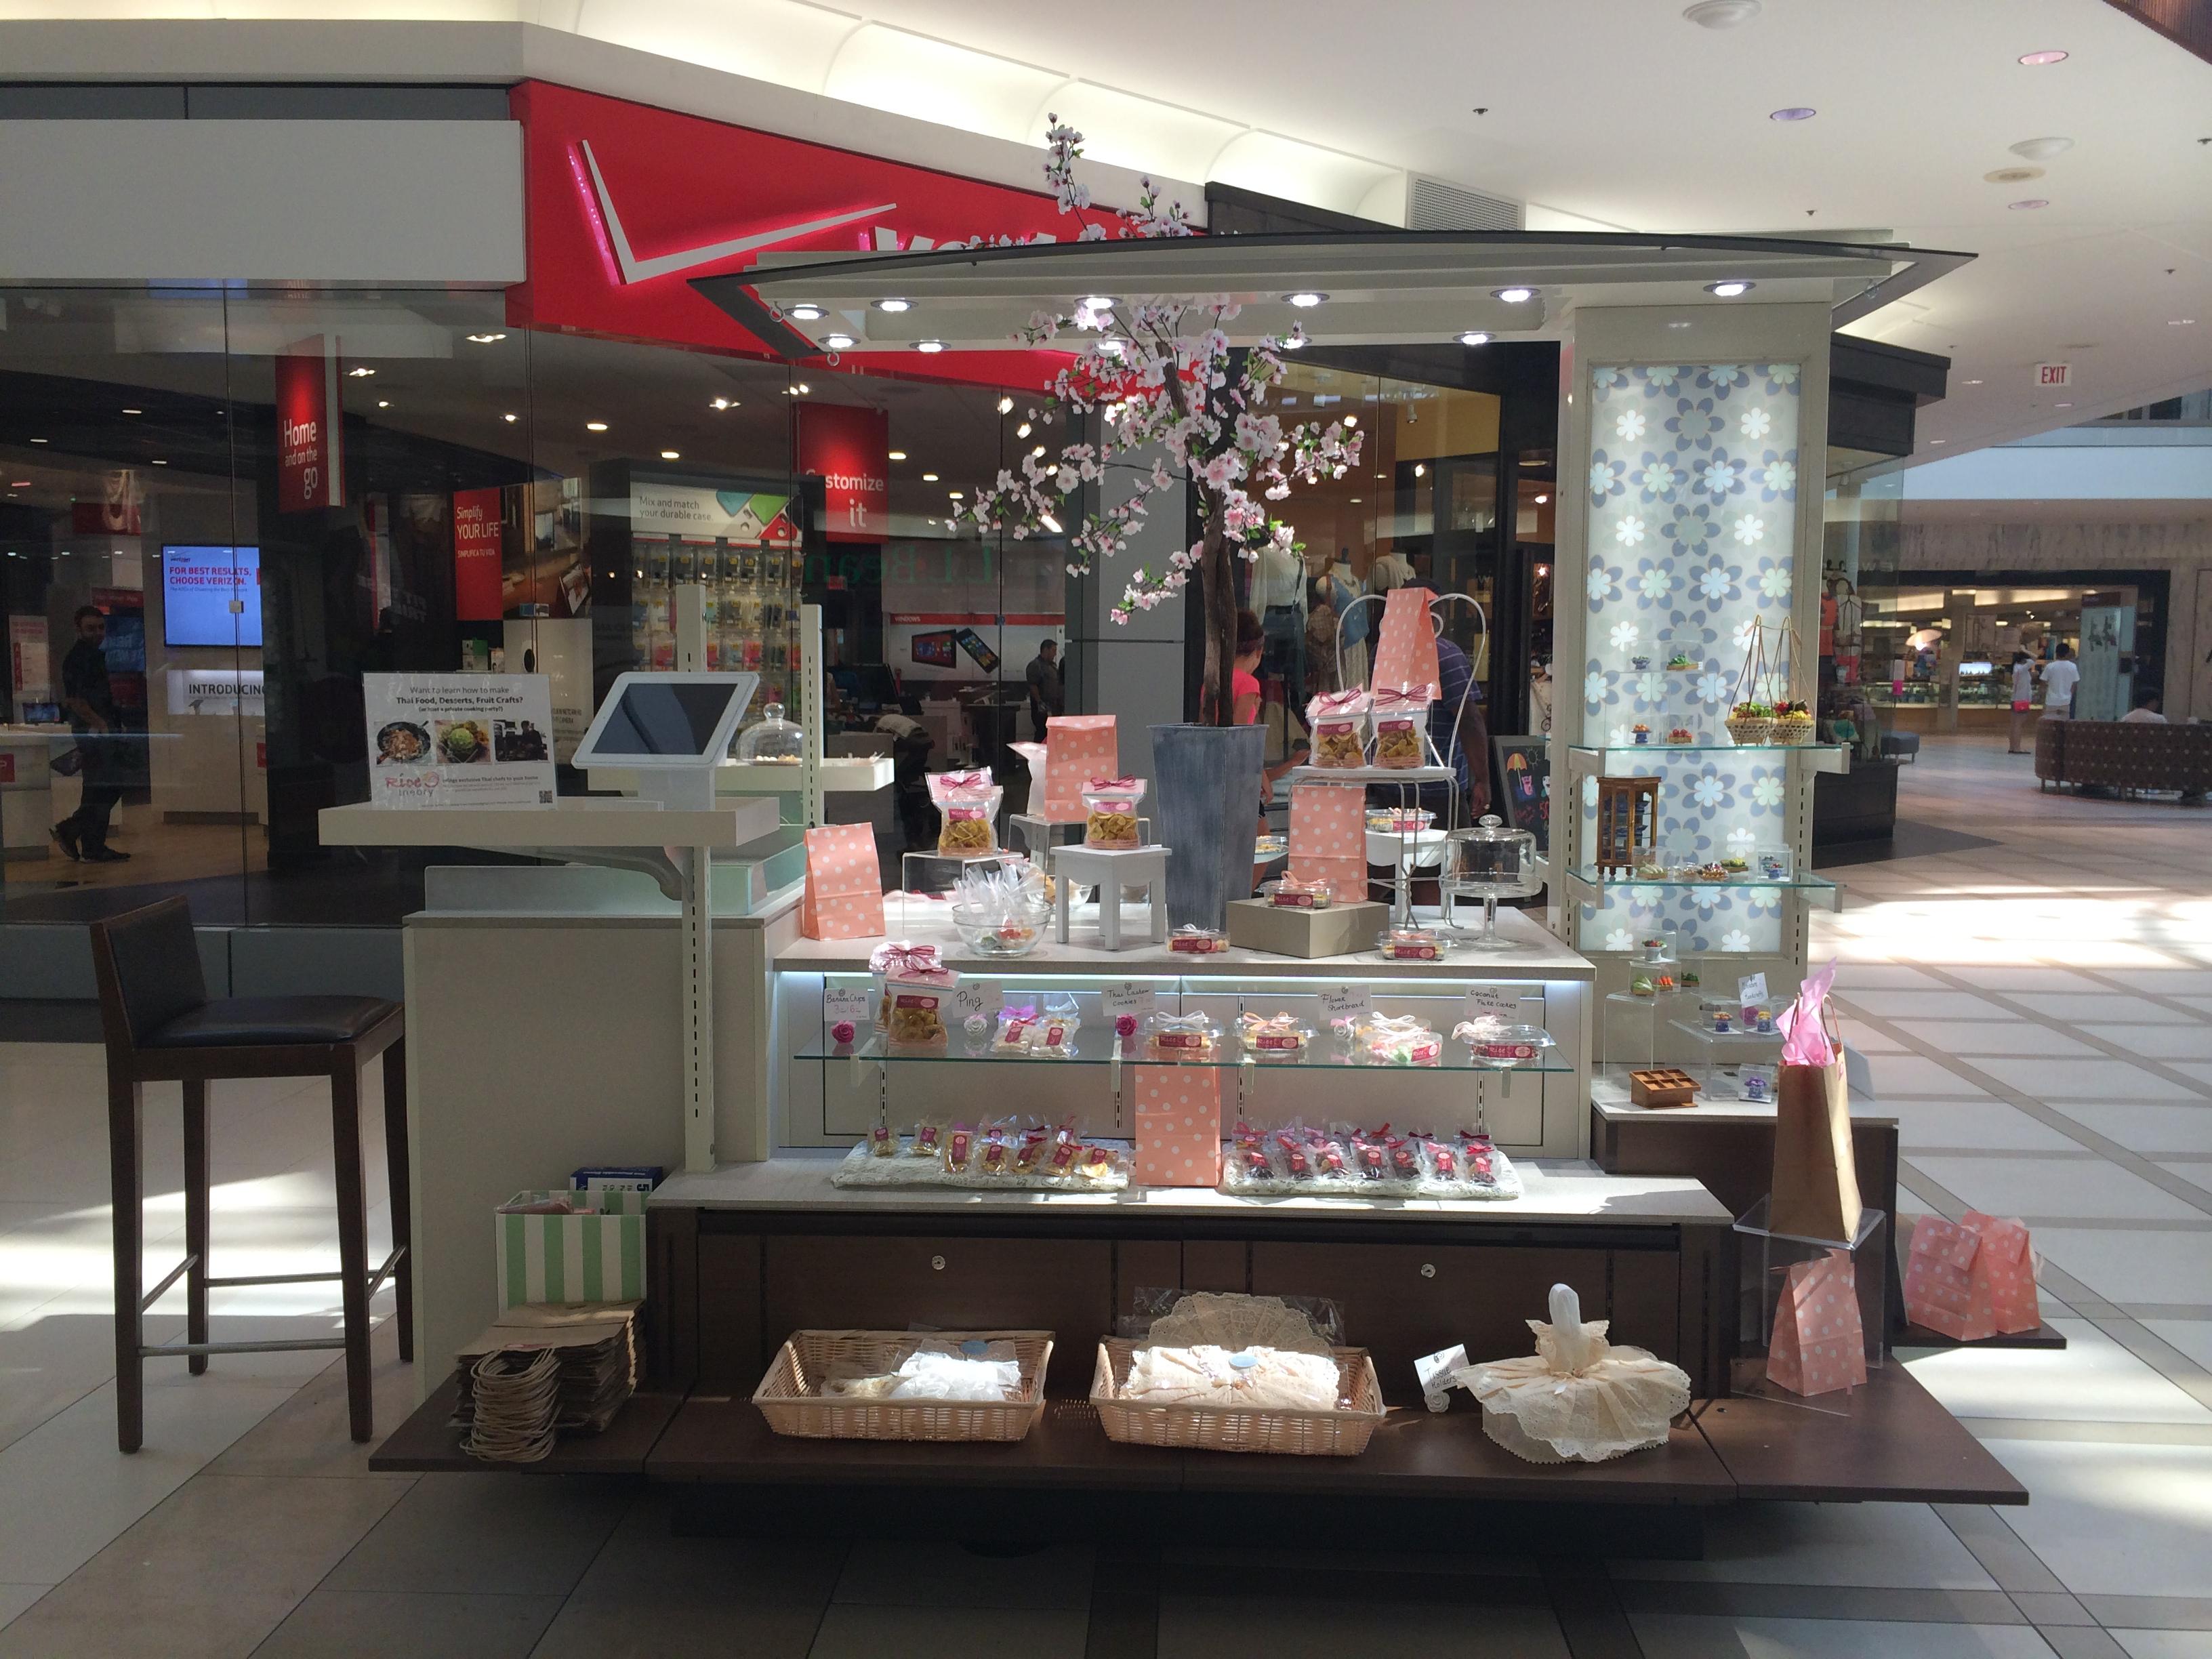 Our Dessert Kiosk